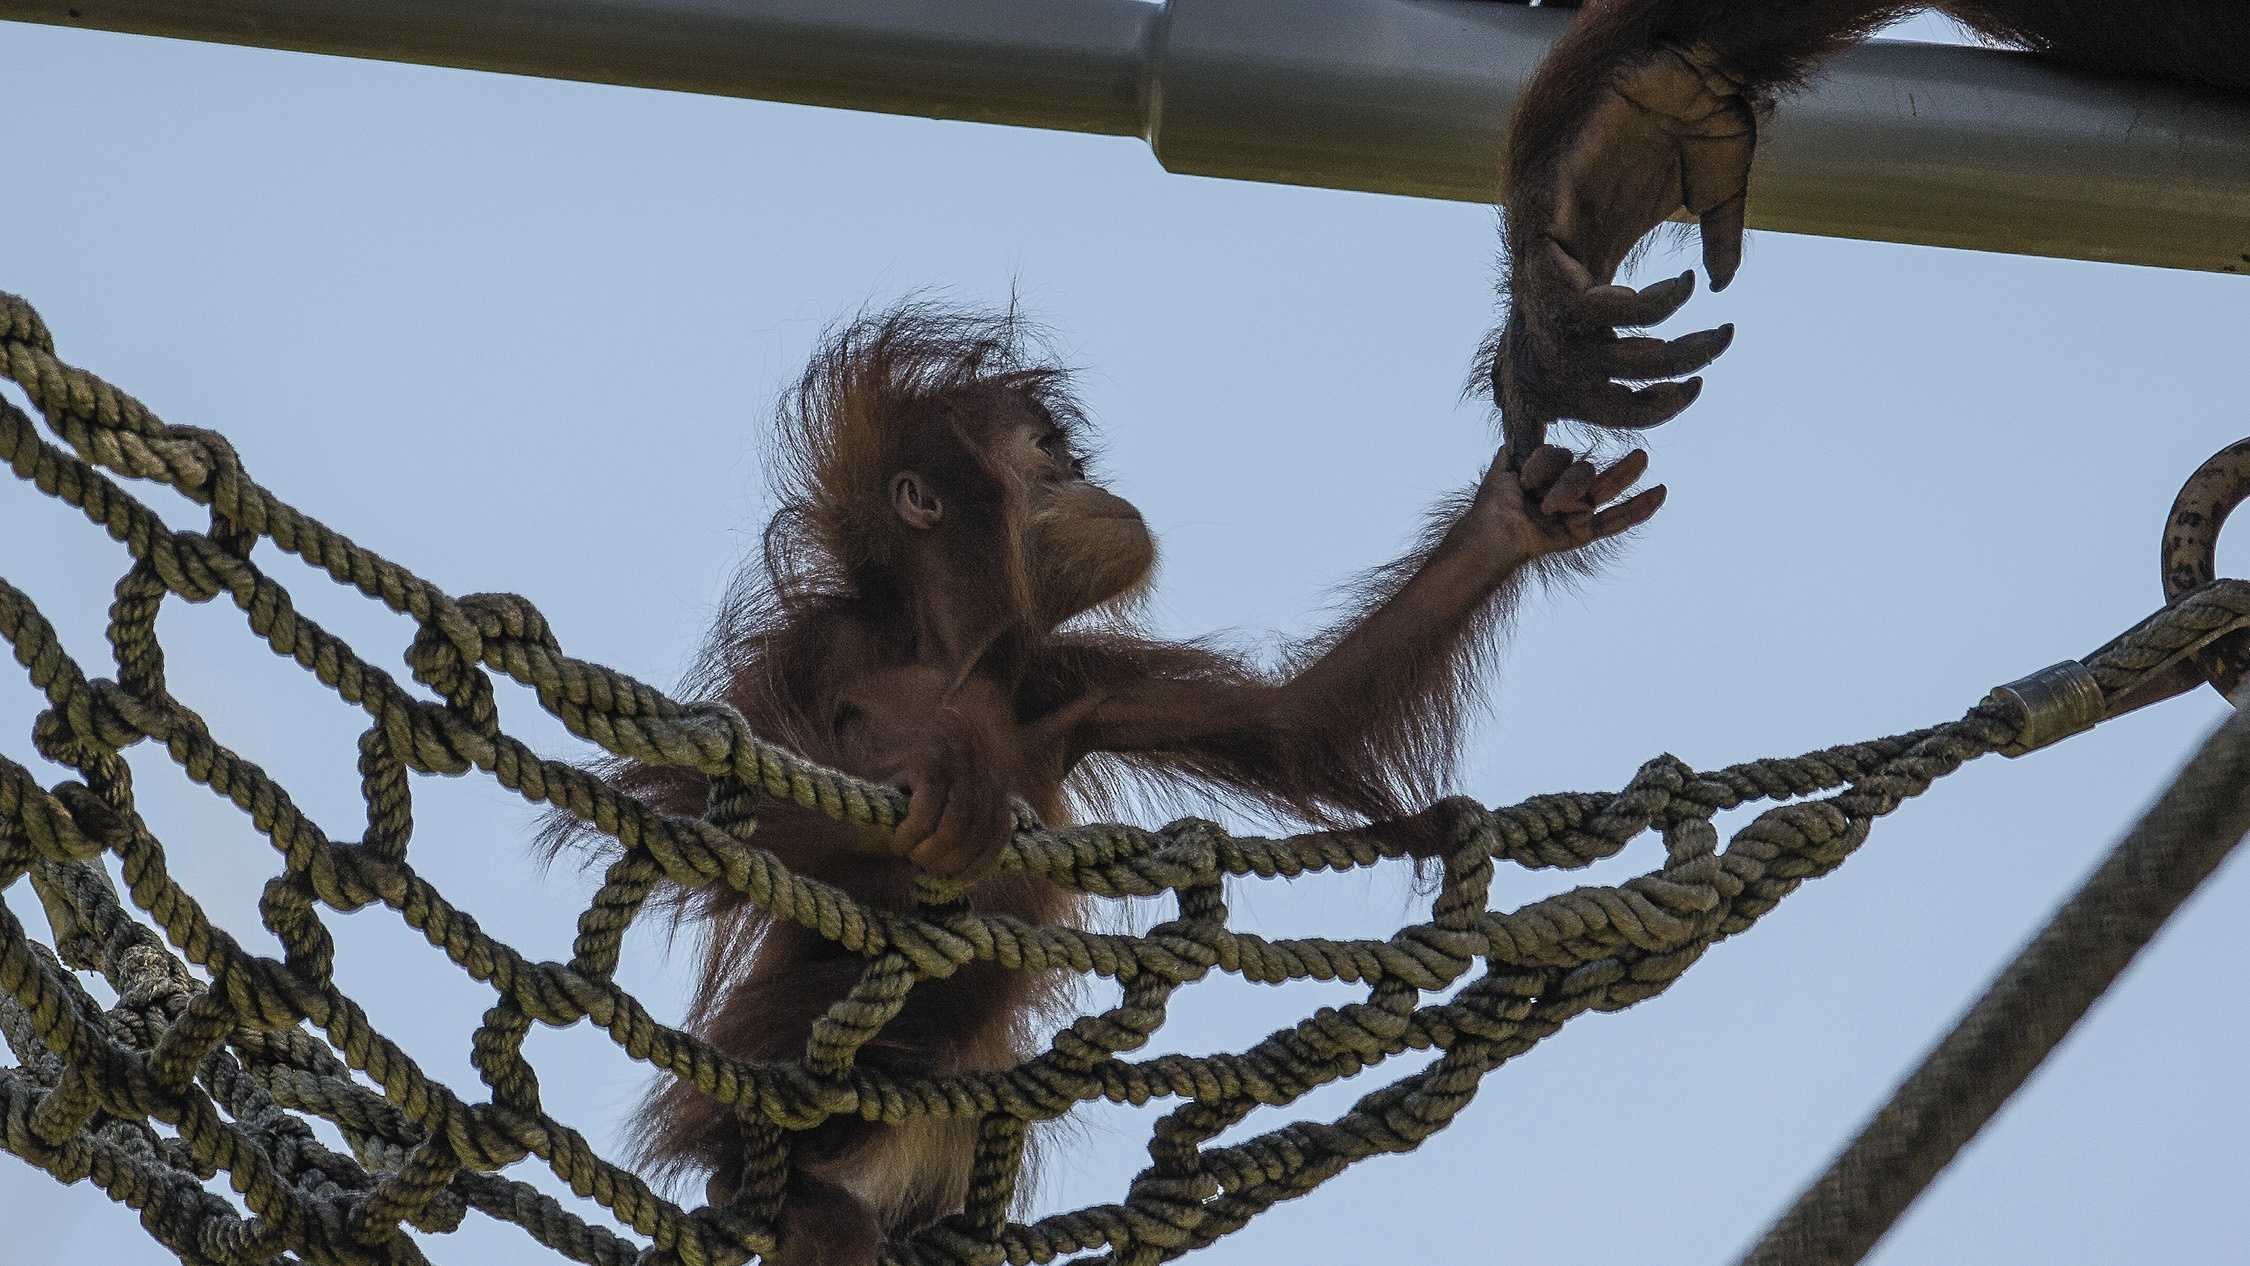 Aisa Sumatran Orangutan